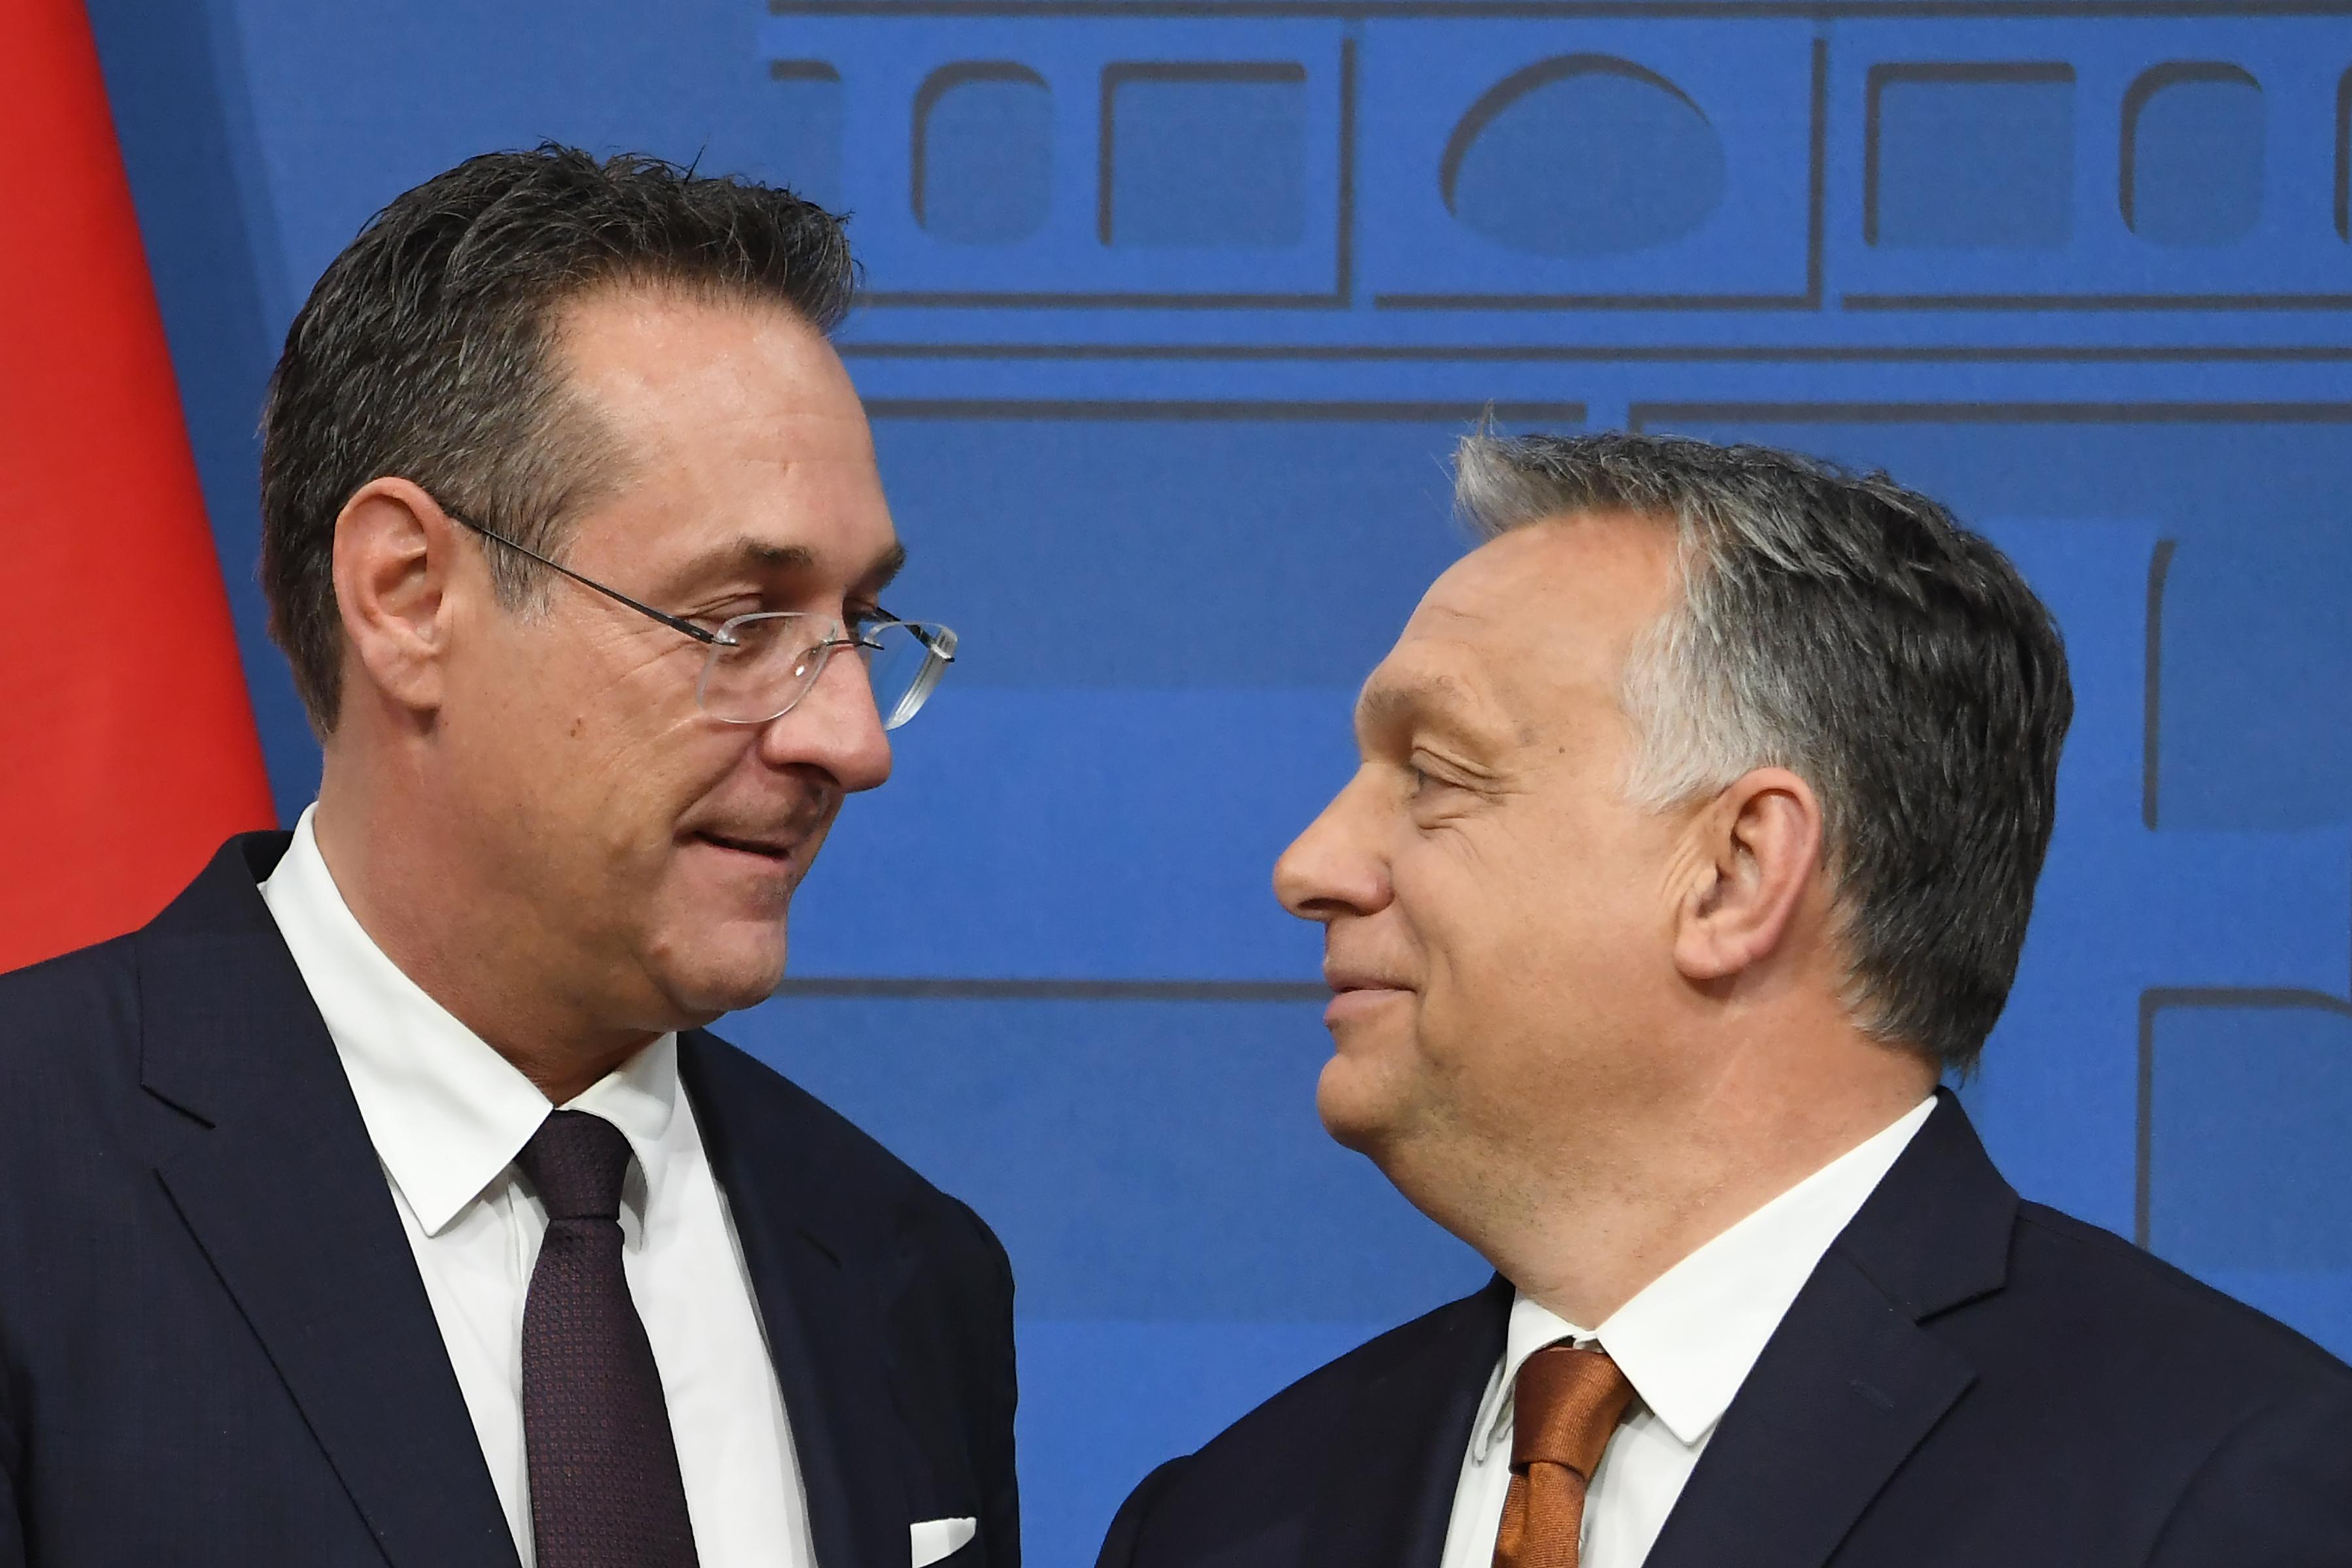 Egyre több külföldi politikus másolná le, amit Orbán Viktor a magyar médiában létrehozott